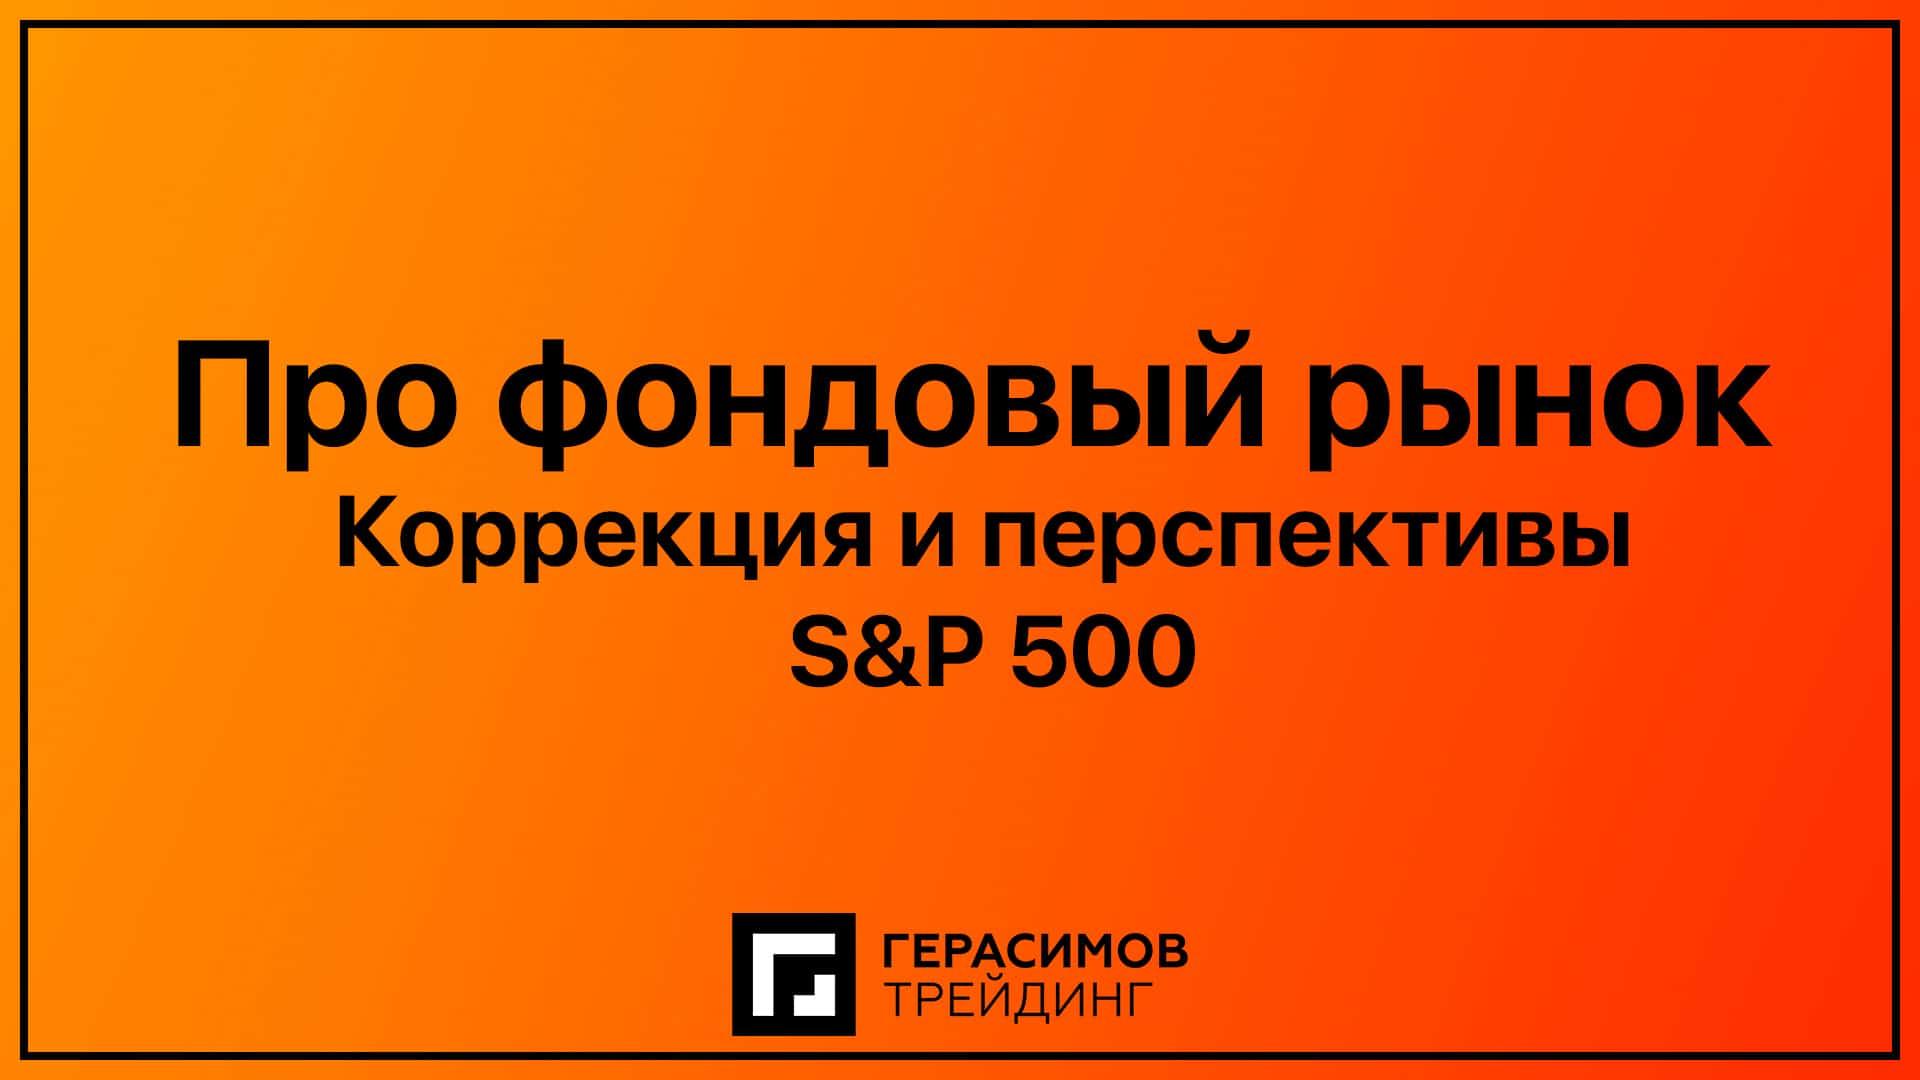 Про фондовый рынок 27.02.2021. Коррекция и перспективы S&P 500